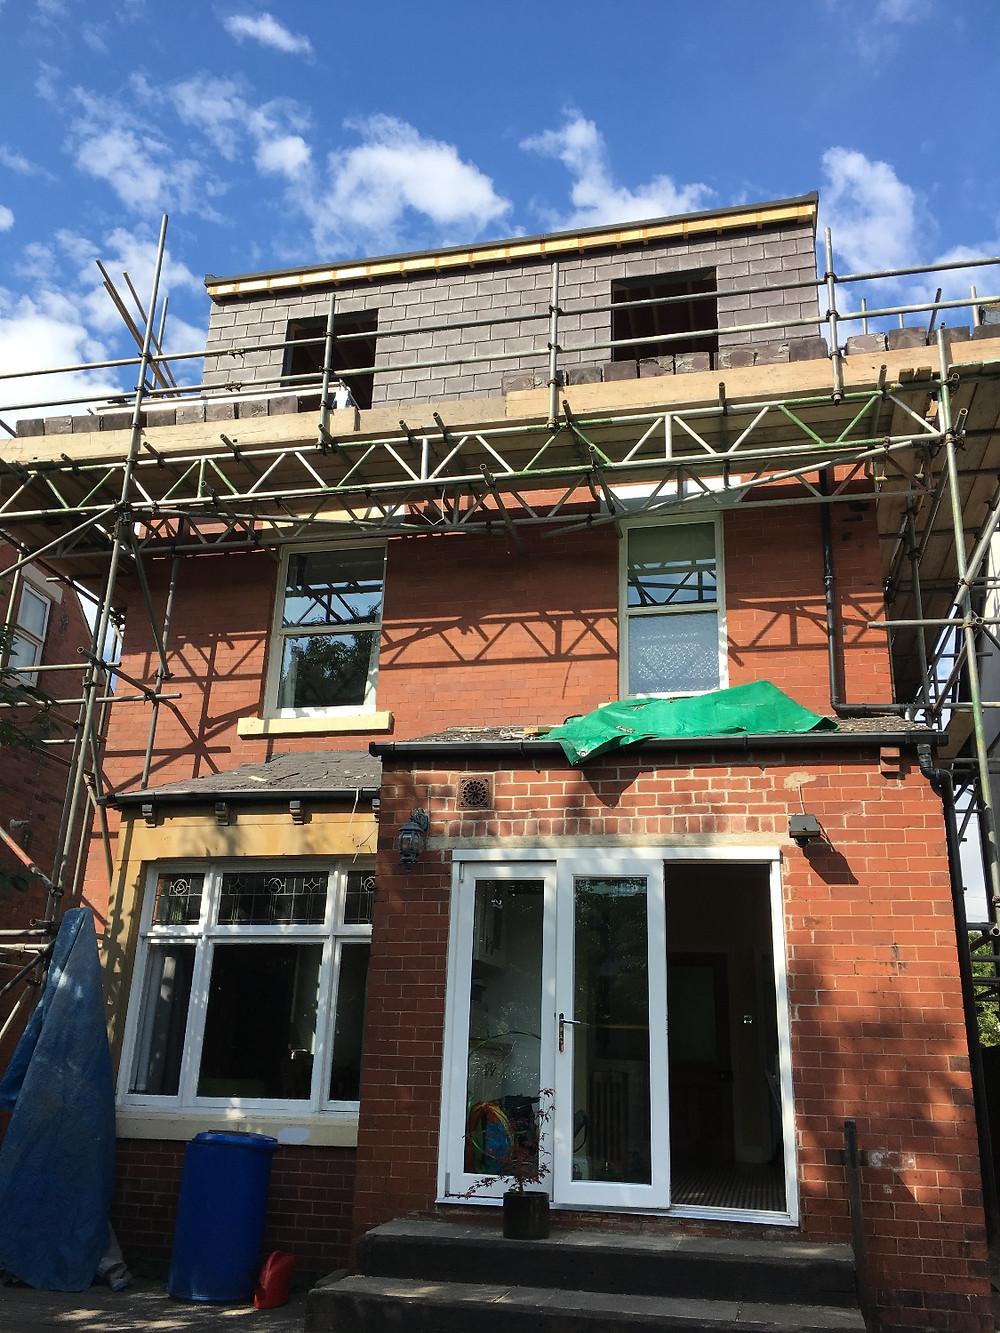 House Exterior Renovation - Fresh Start Living